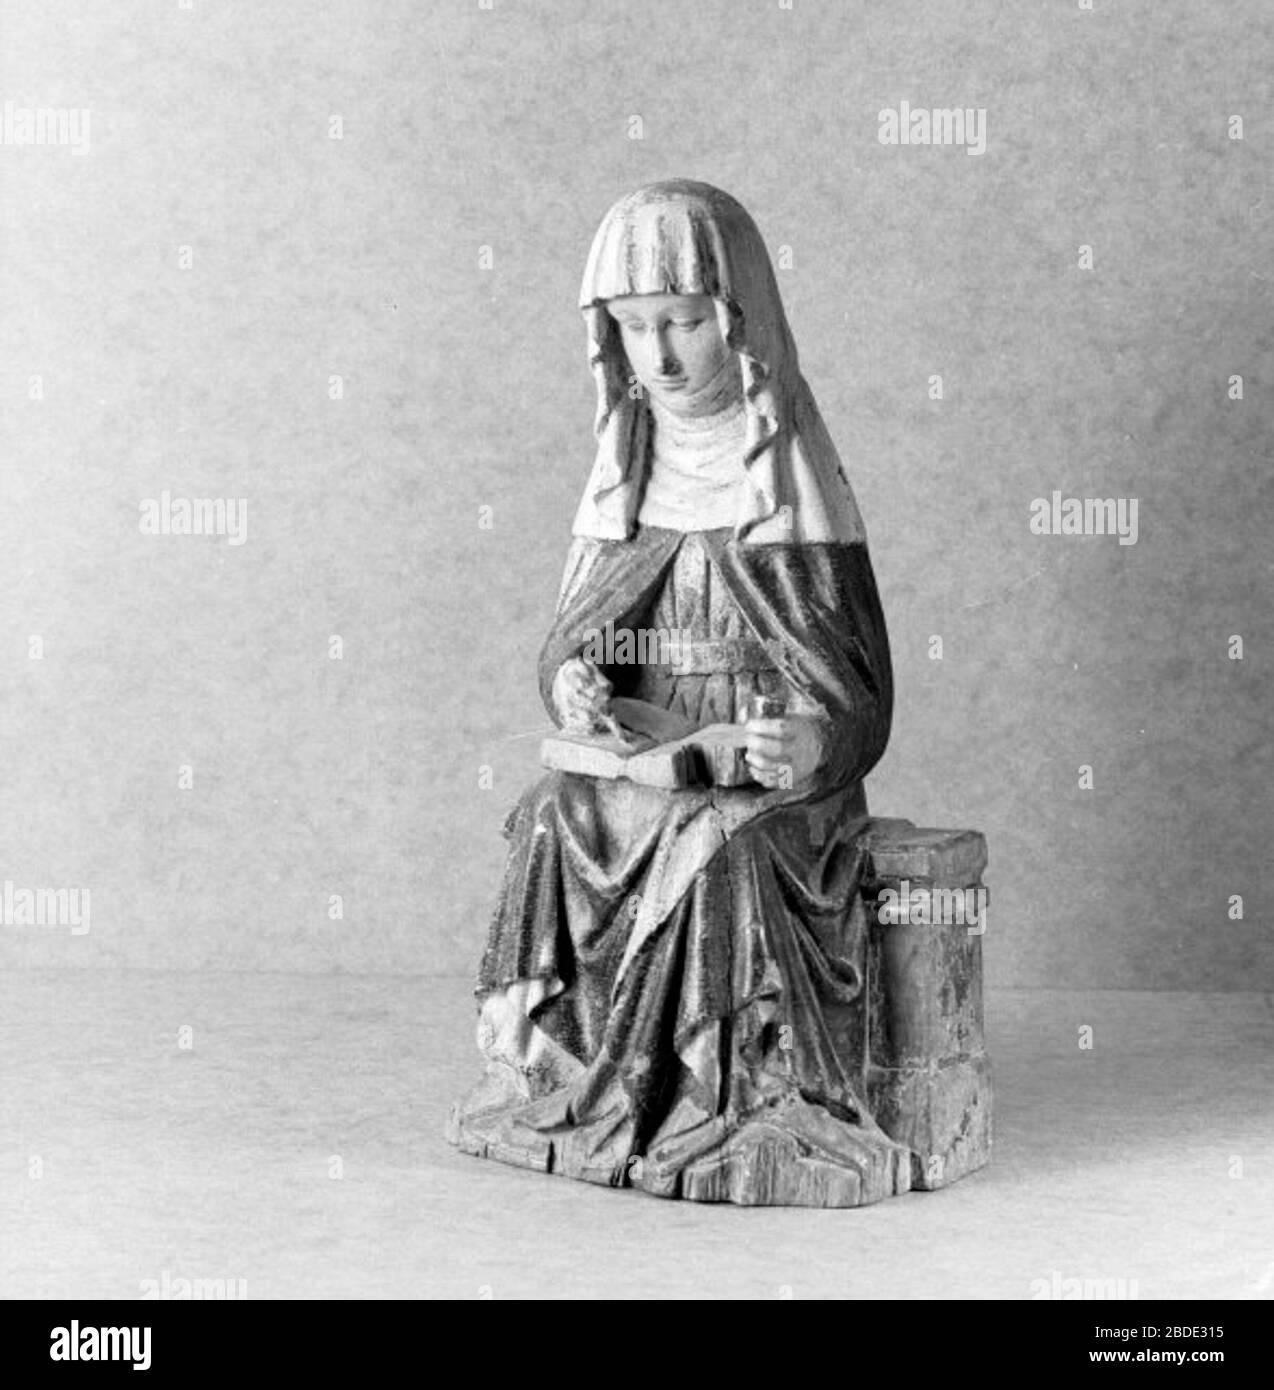 Birgitta Date (59 r) Torslanda | Ratsit